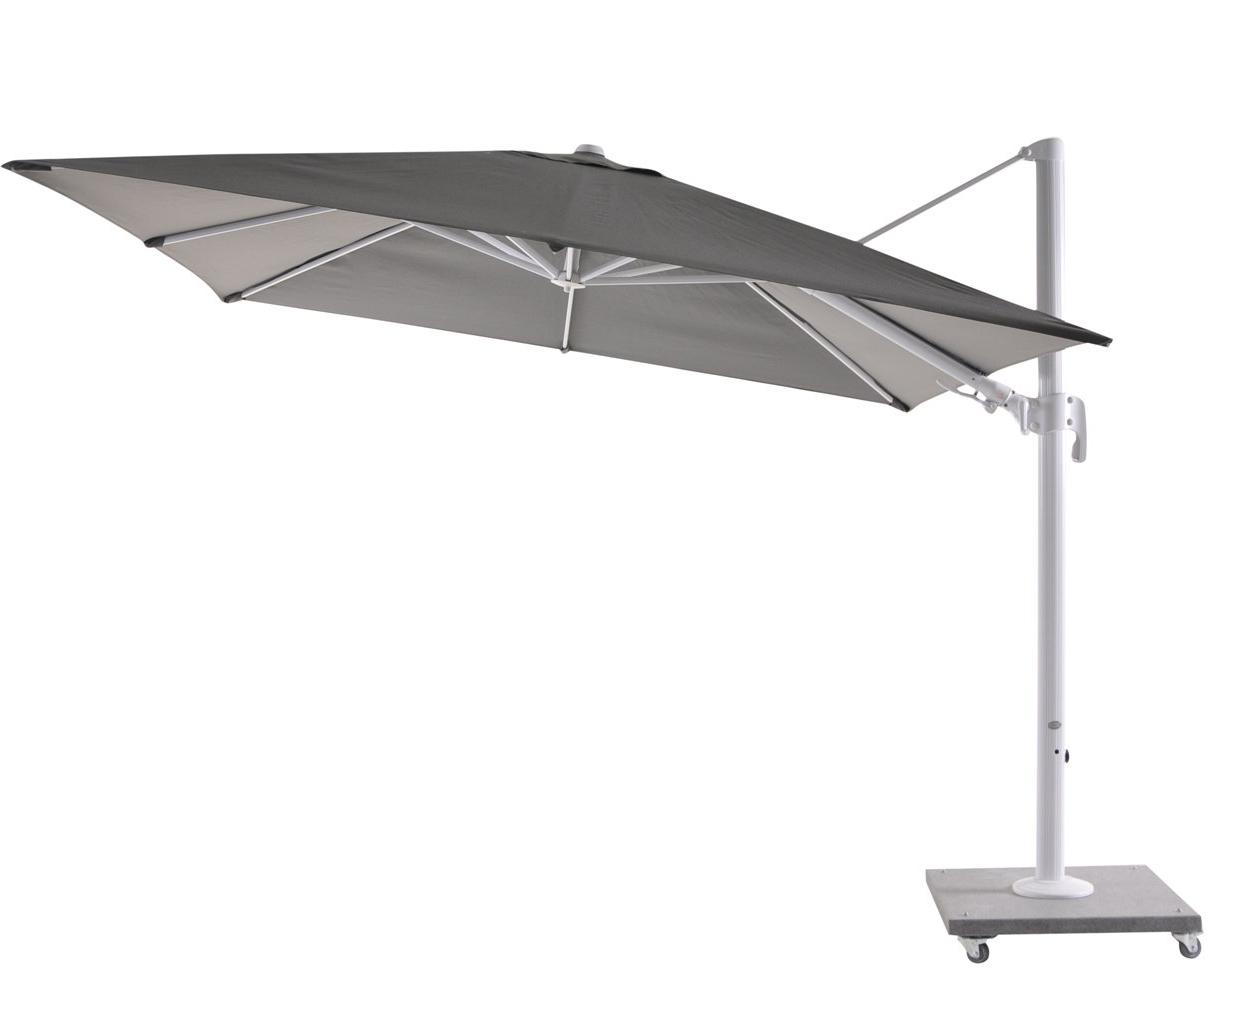 Latest Nasiba Square Cantilever Sunbrella Umbrellas Intended For Bozarth 10' Square Cantilever Umbrella (Gallery 3 of 20)